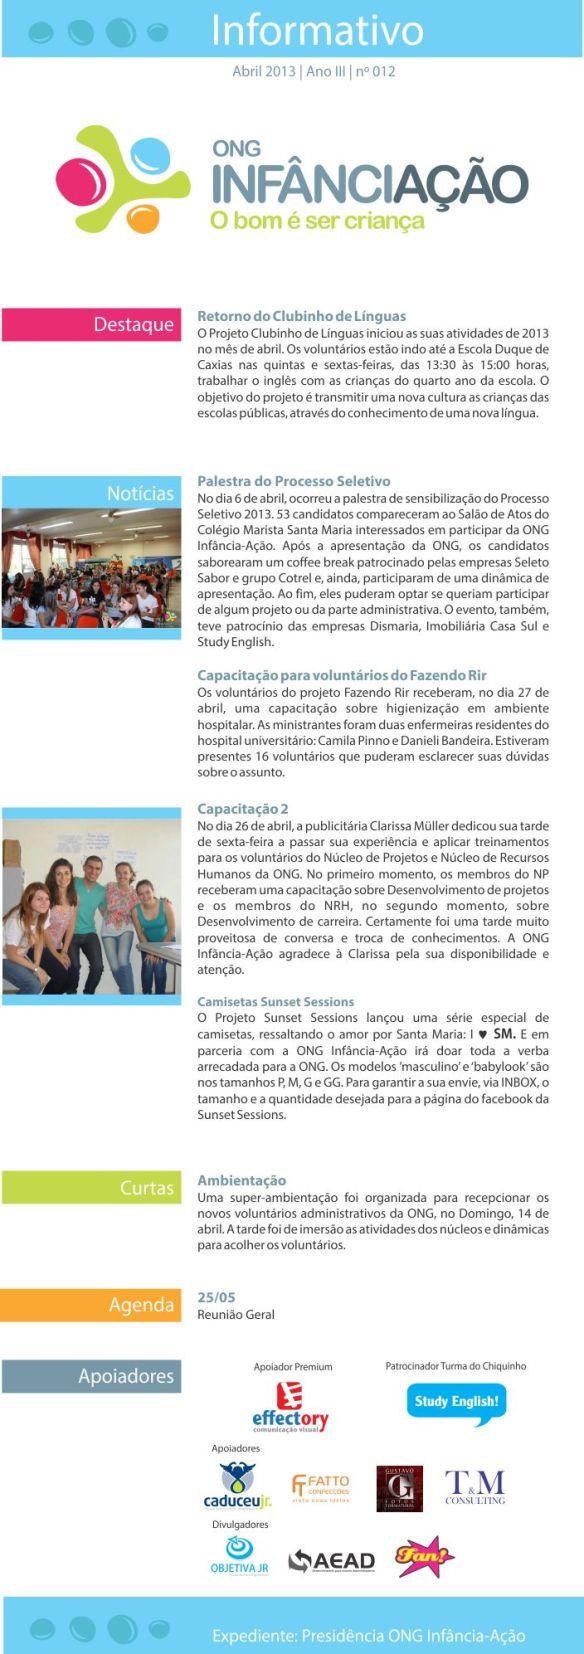 Boletim informativo - Abril de 2013